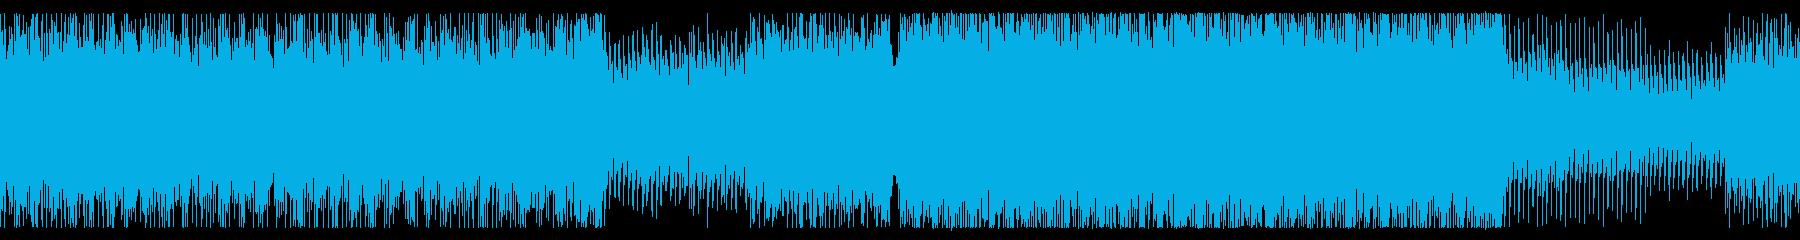 緊張感のあるテクノサウンド2の再生済みの波形